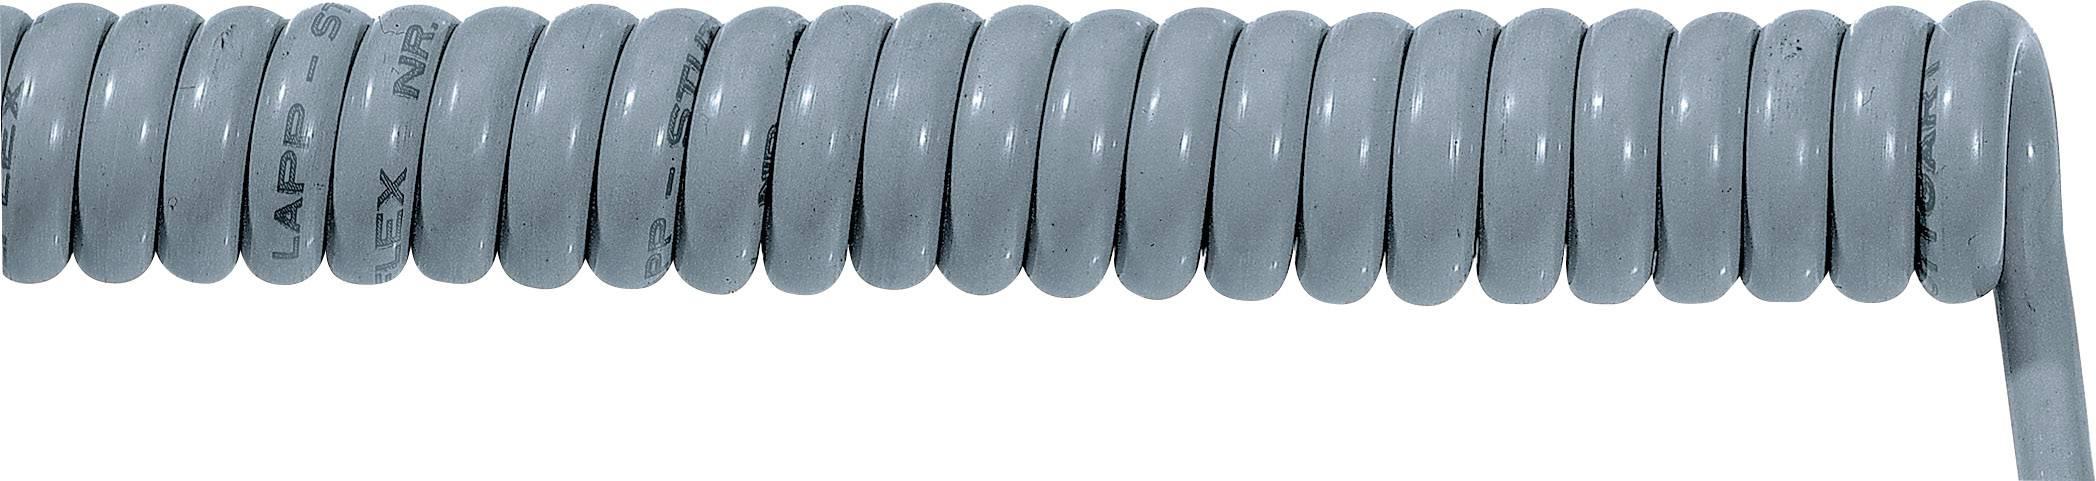 Špirálový kábel 70002671 ÖLFLEX® SPIRAL 400 P 12 x 1 mm², 1000 mm / 3000 mm, sivá